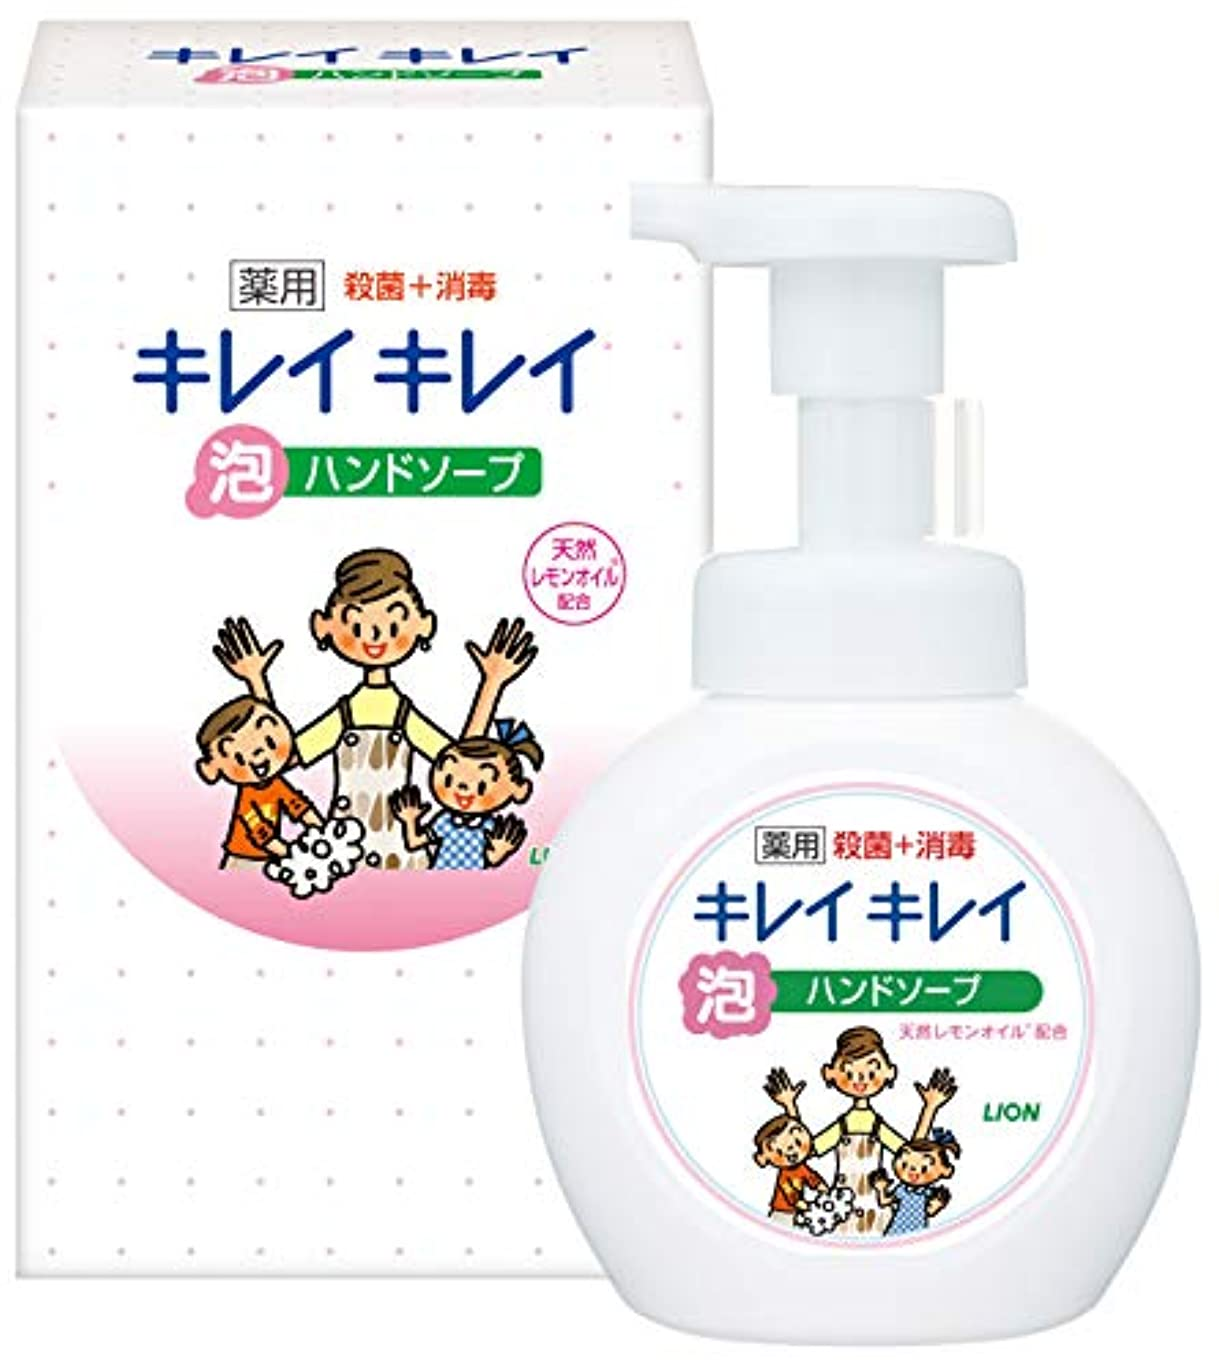 蒸レギュラーロマンスLION キレイキレイ薬用泡ハンドソープ250ml ノベルティギフト用化粧箱入